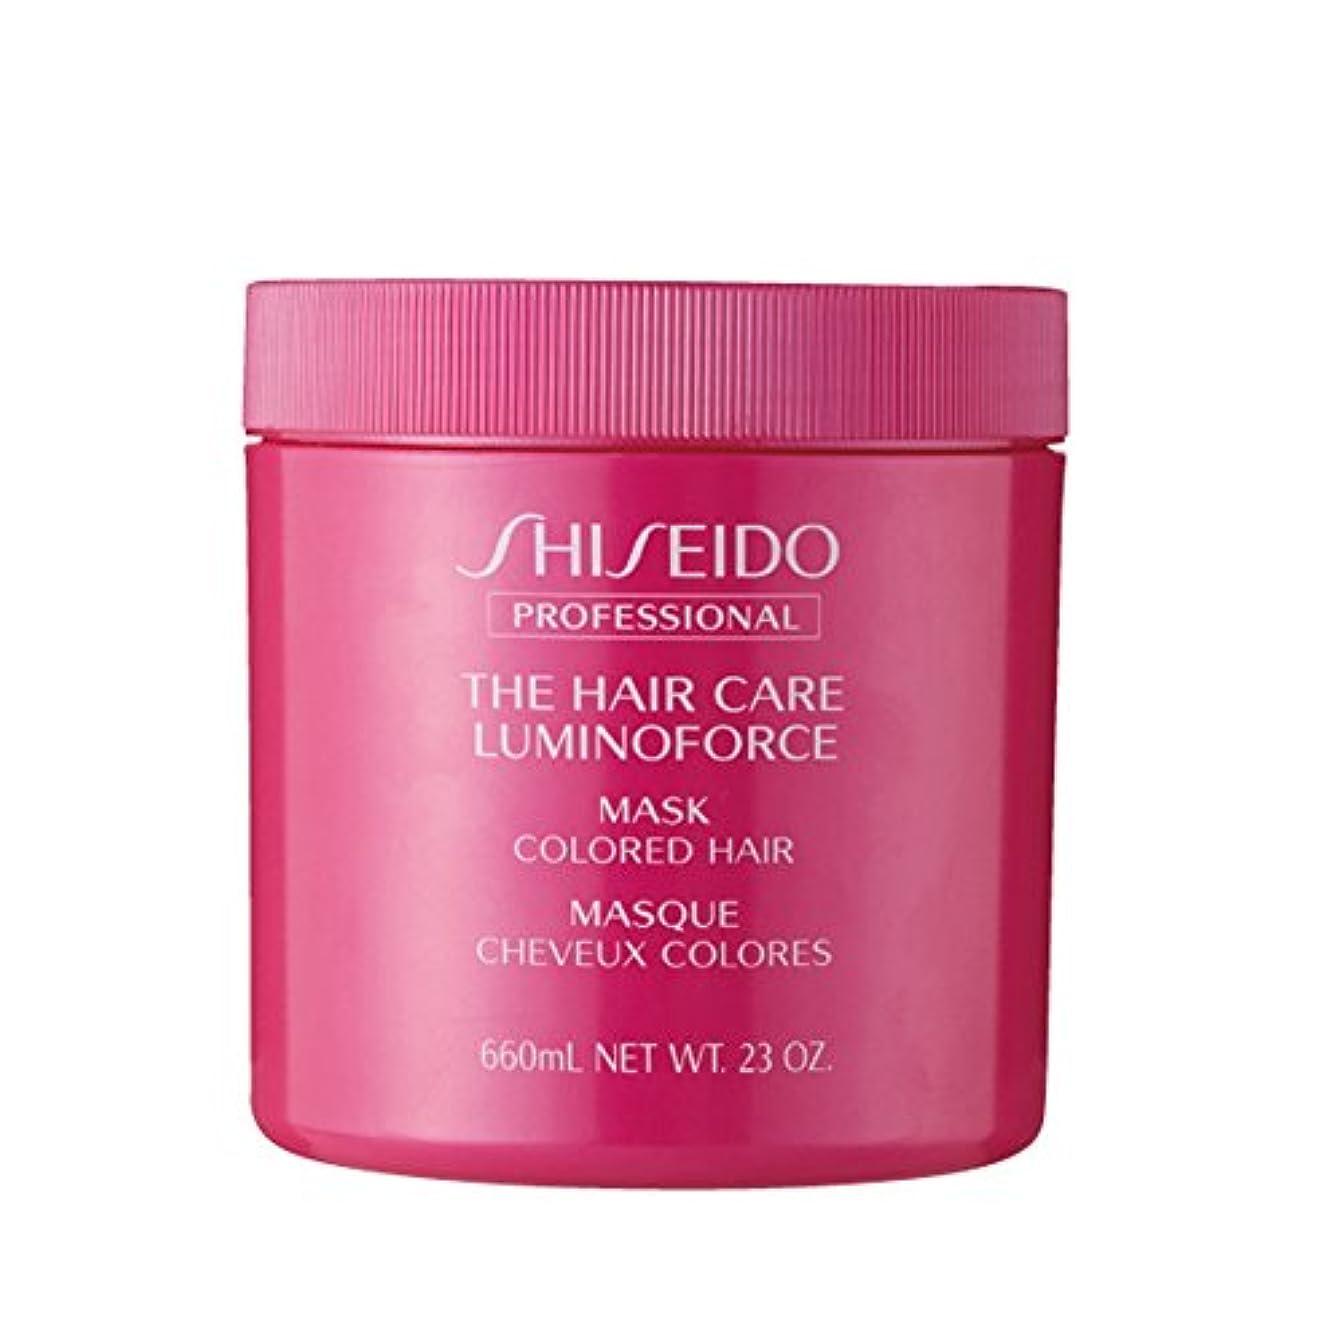 夫婦アライアンス博物館資生堂 THC ルミノフォースマスク 680g ×3個 セットヘアカラーを繰り返したごわついた髪を、芯からしなやかでつややかな髪へSHISEIDO LUMINOFORCE